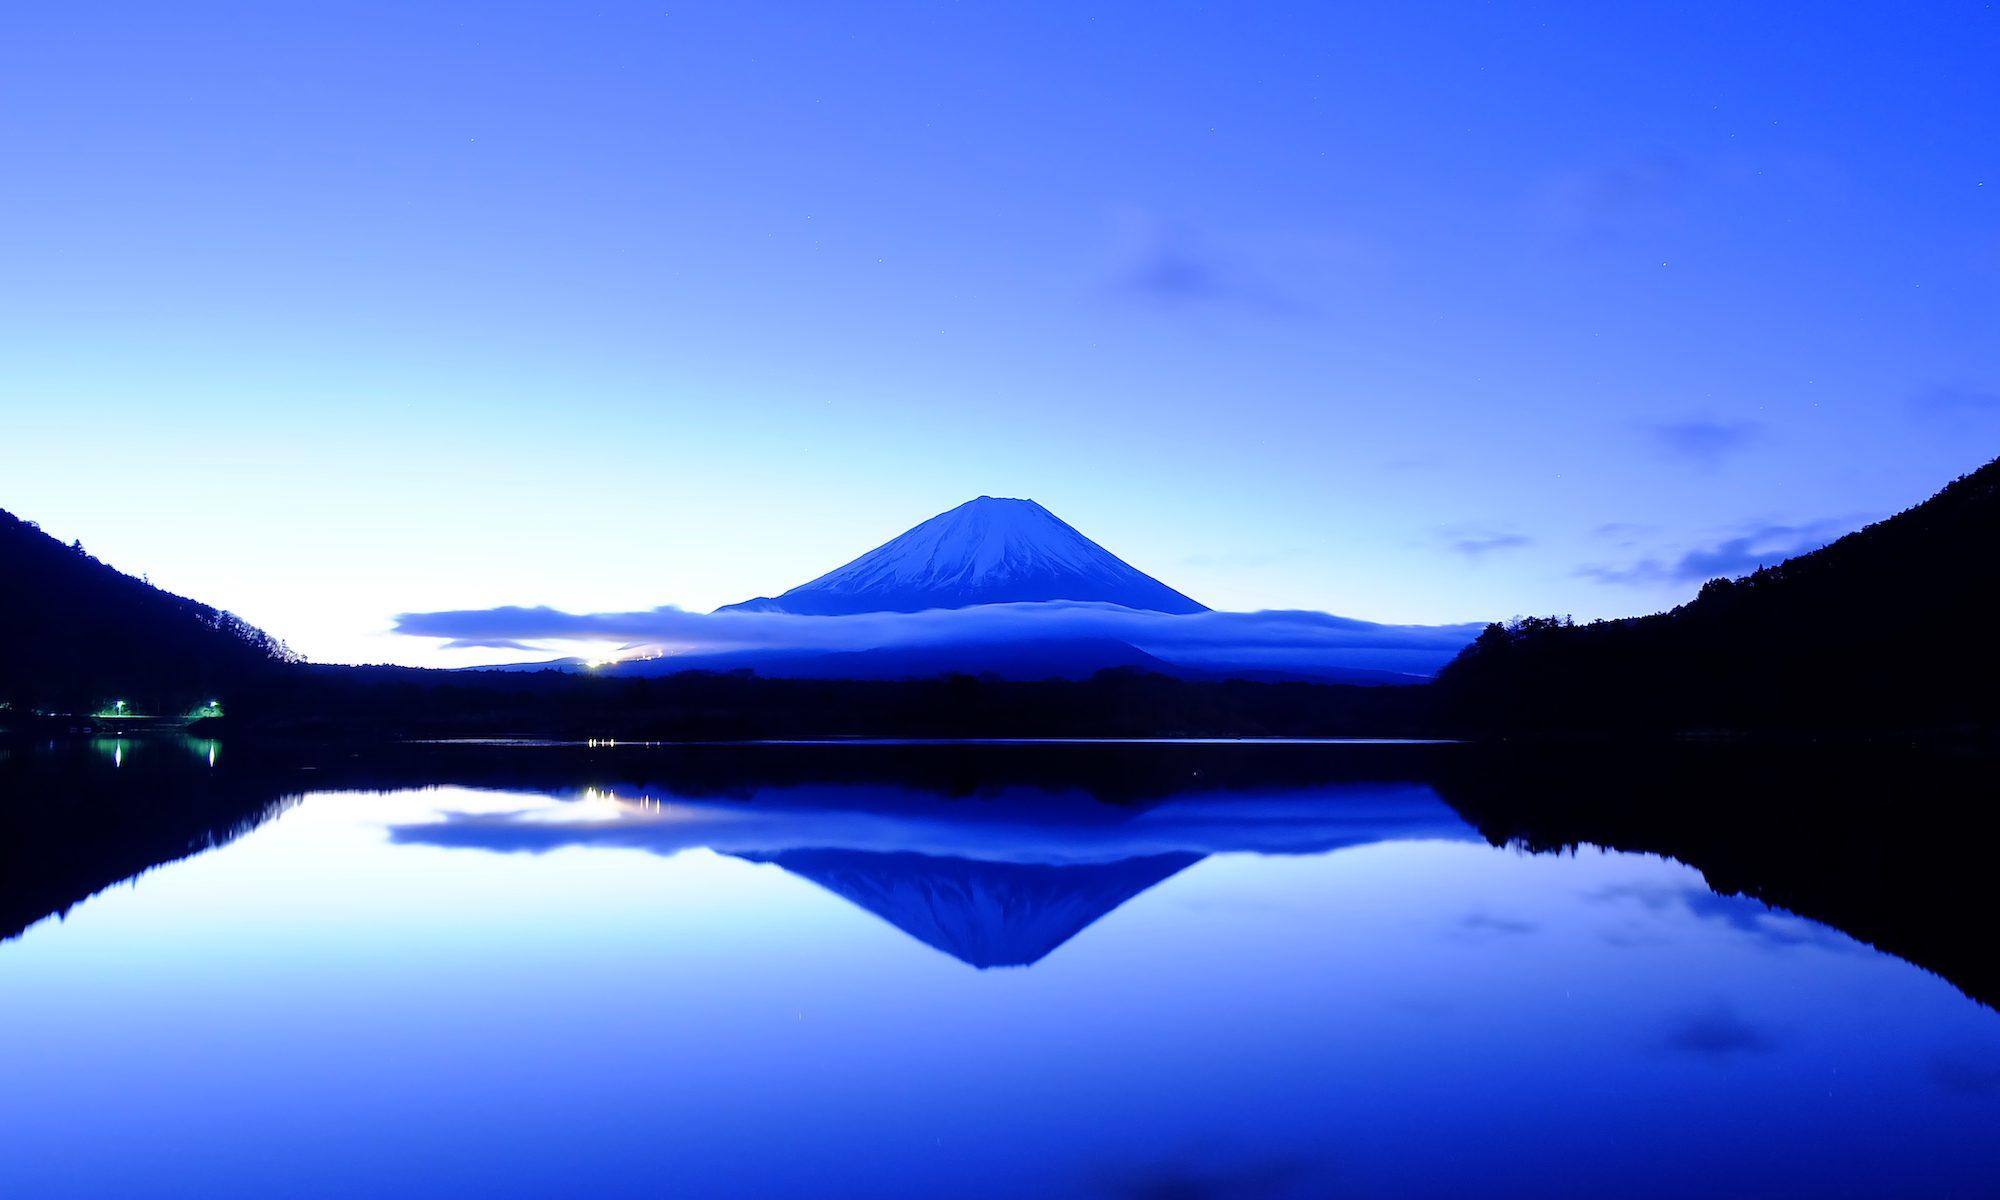 田村幸士の画像 p1_33